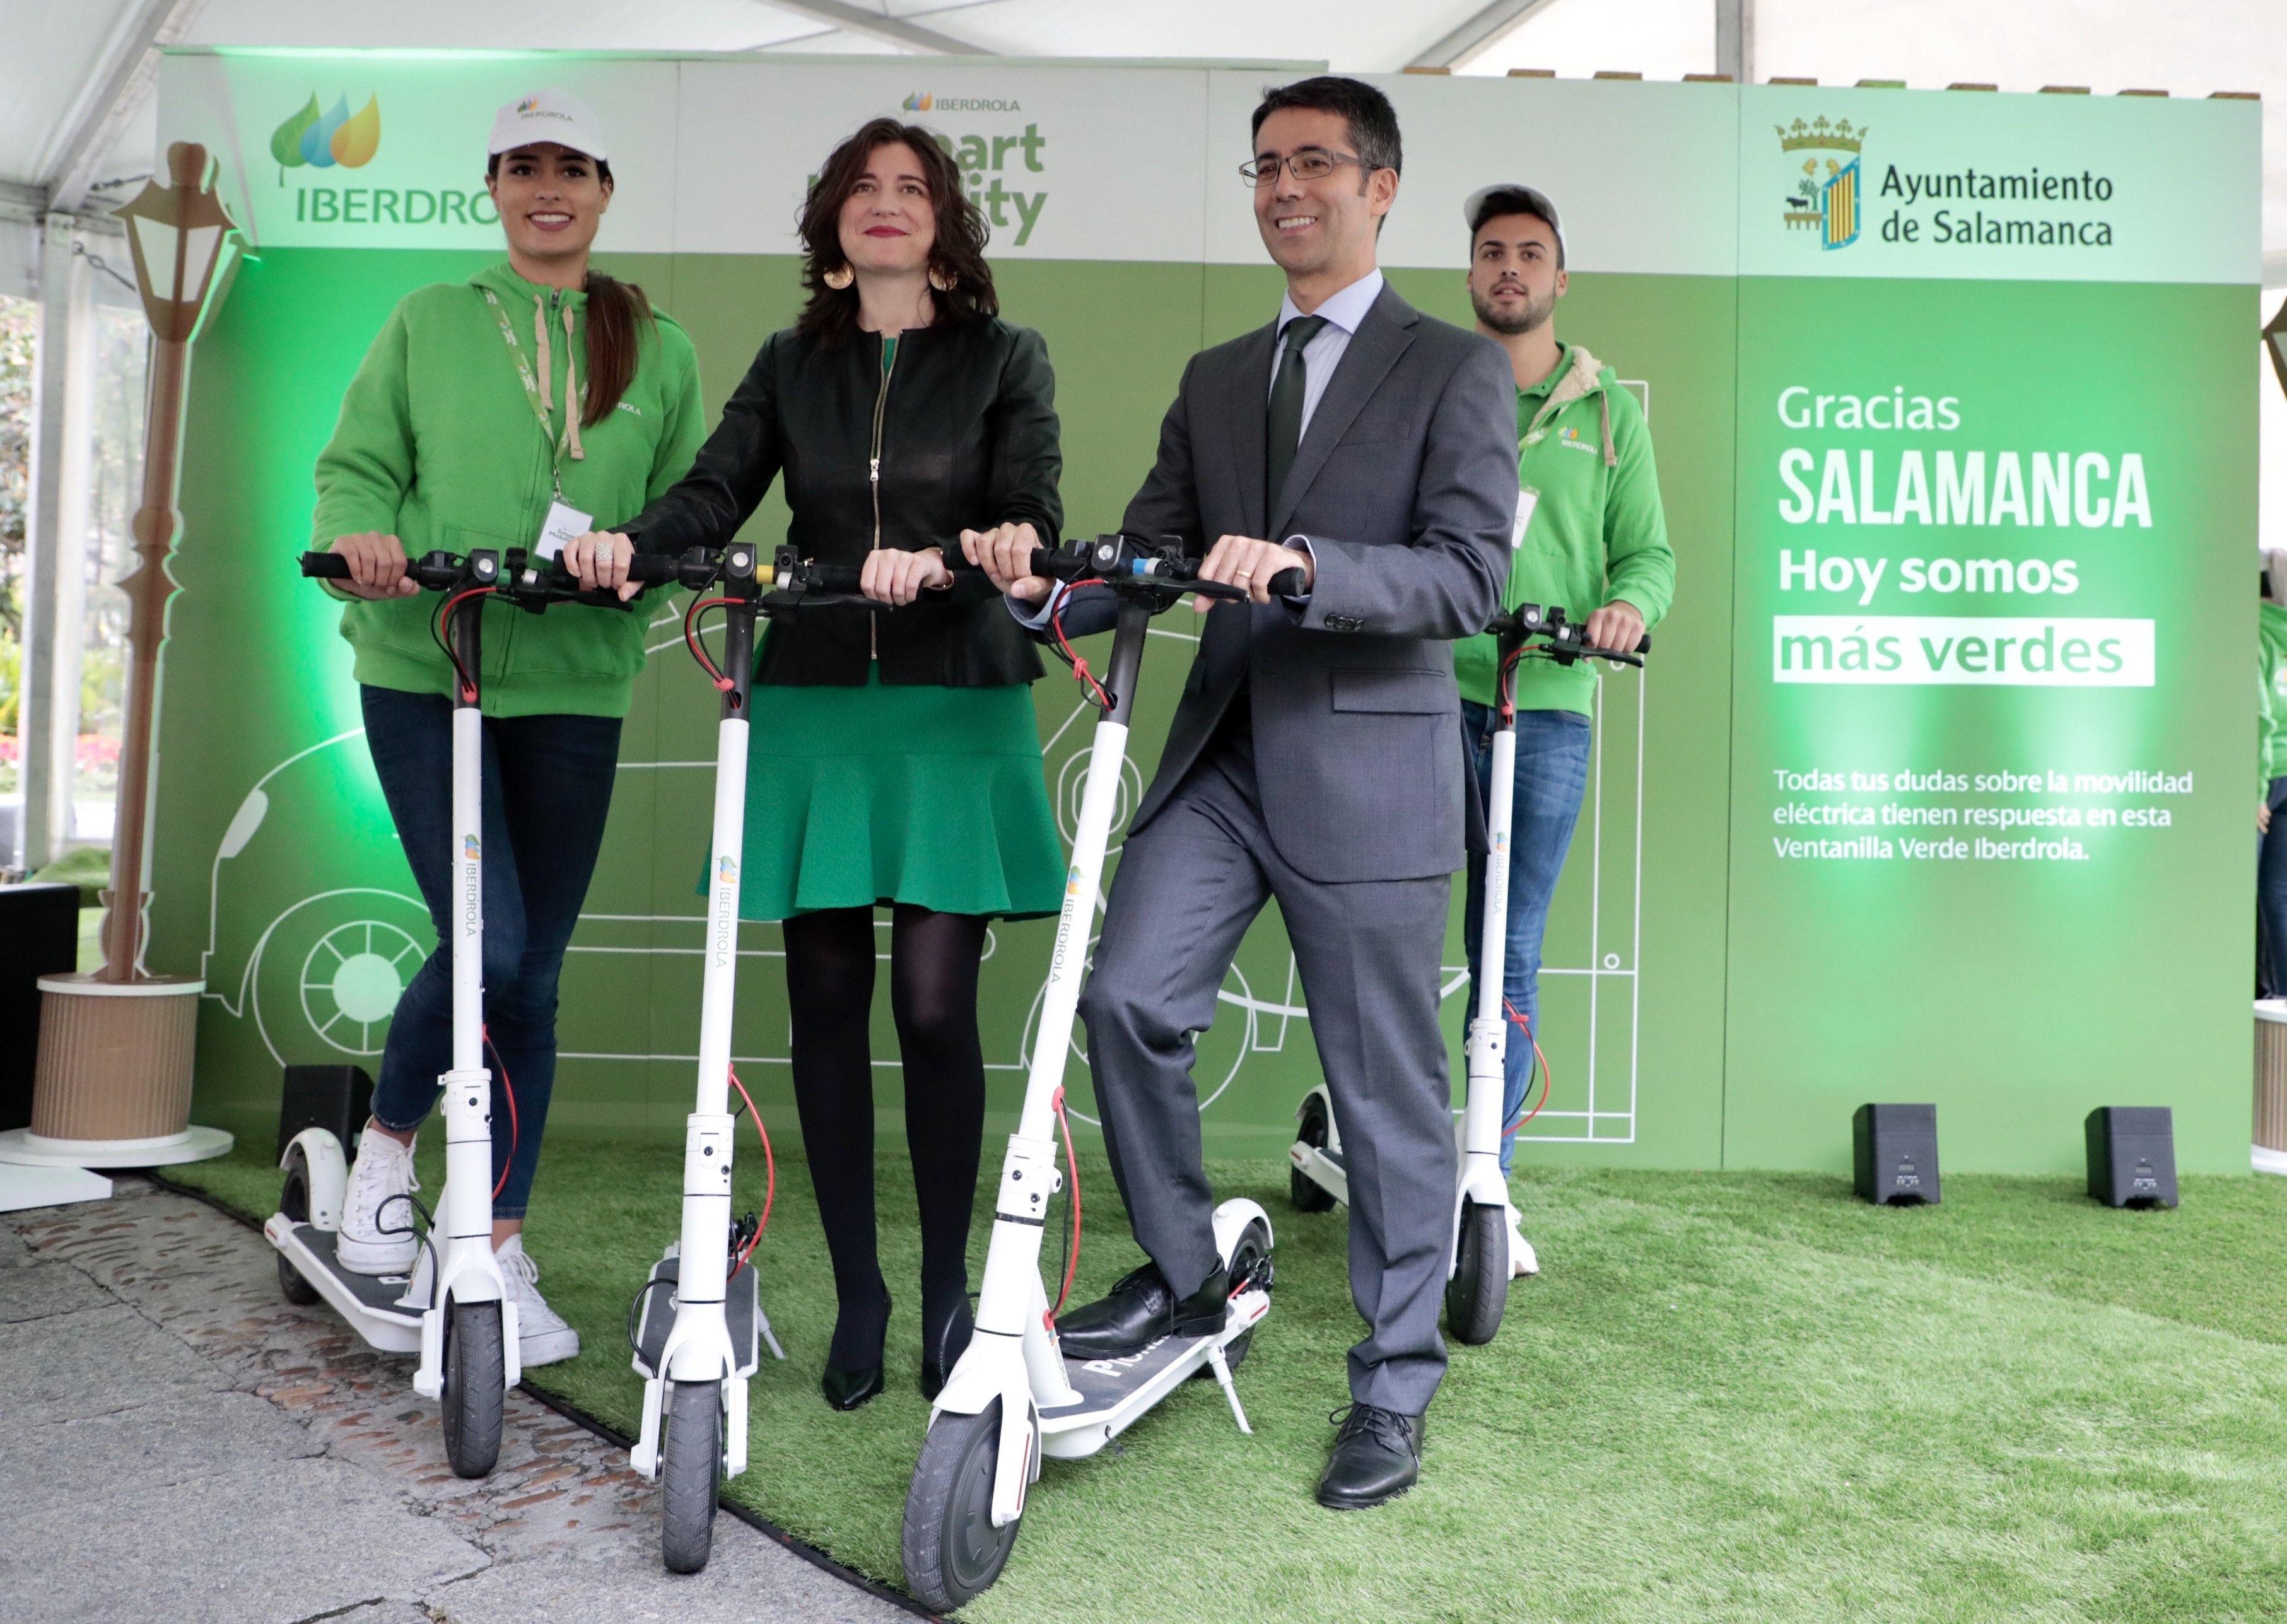 2019 10 18.  Rodriguez y Garcu00eda, Ventanilla Verde Iberdrola Salamanca